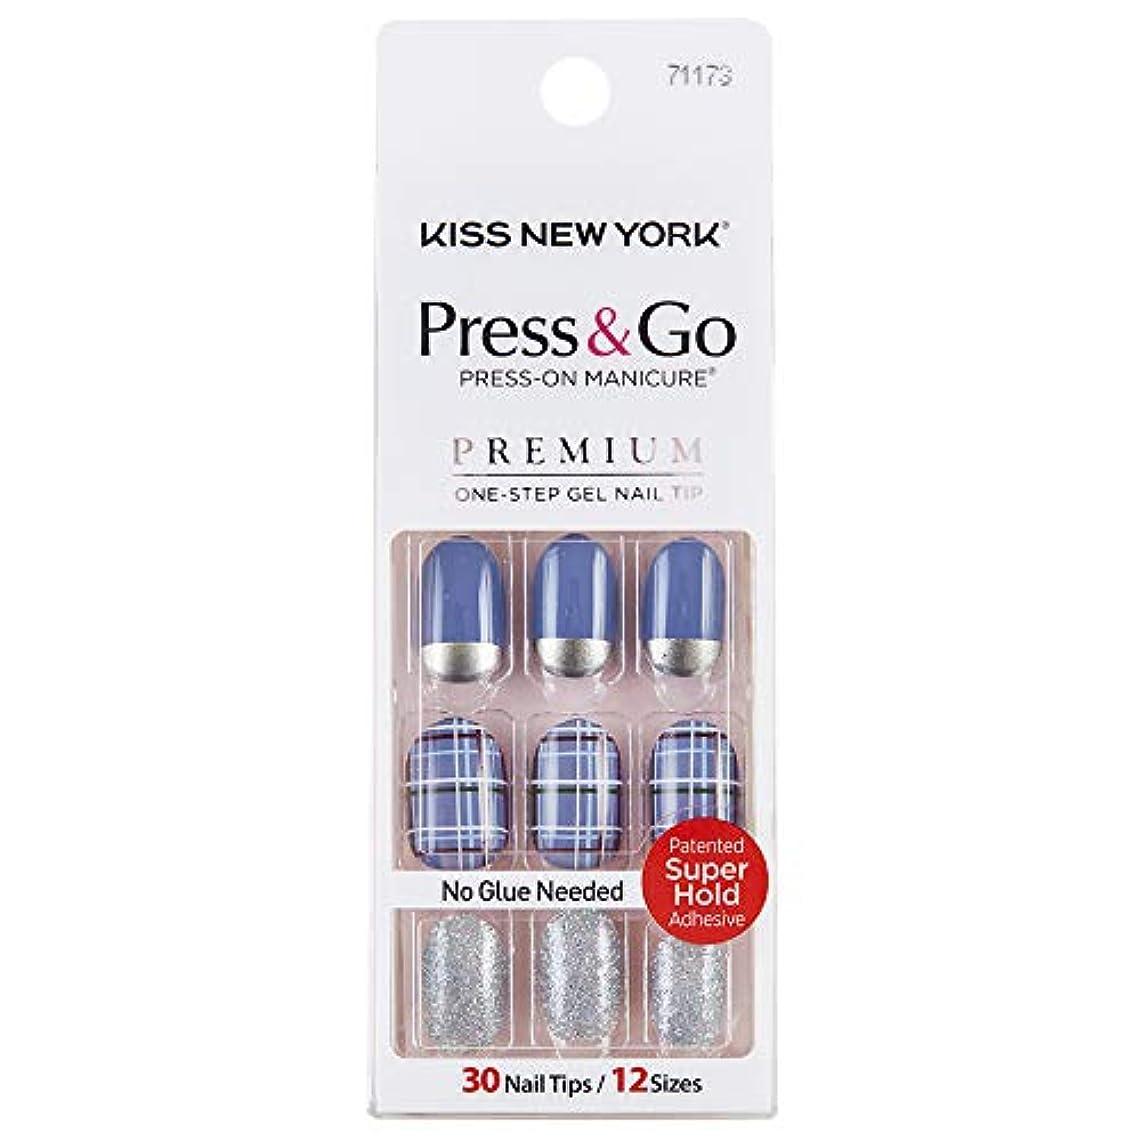 完璧留め金明るいキスニューヨーク (KISS NEW YORK) KISS NEWYORK ネイルチップPress&Go BHJ22J 19g